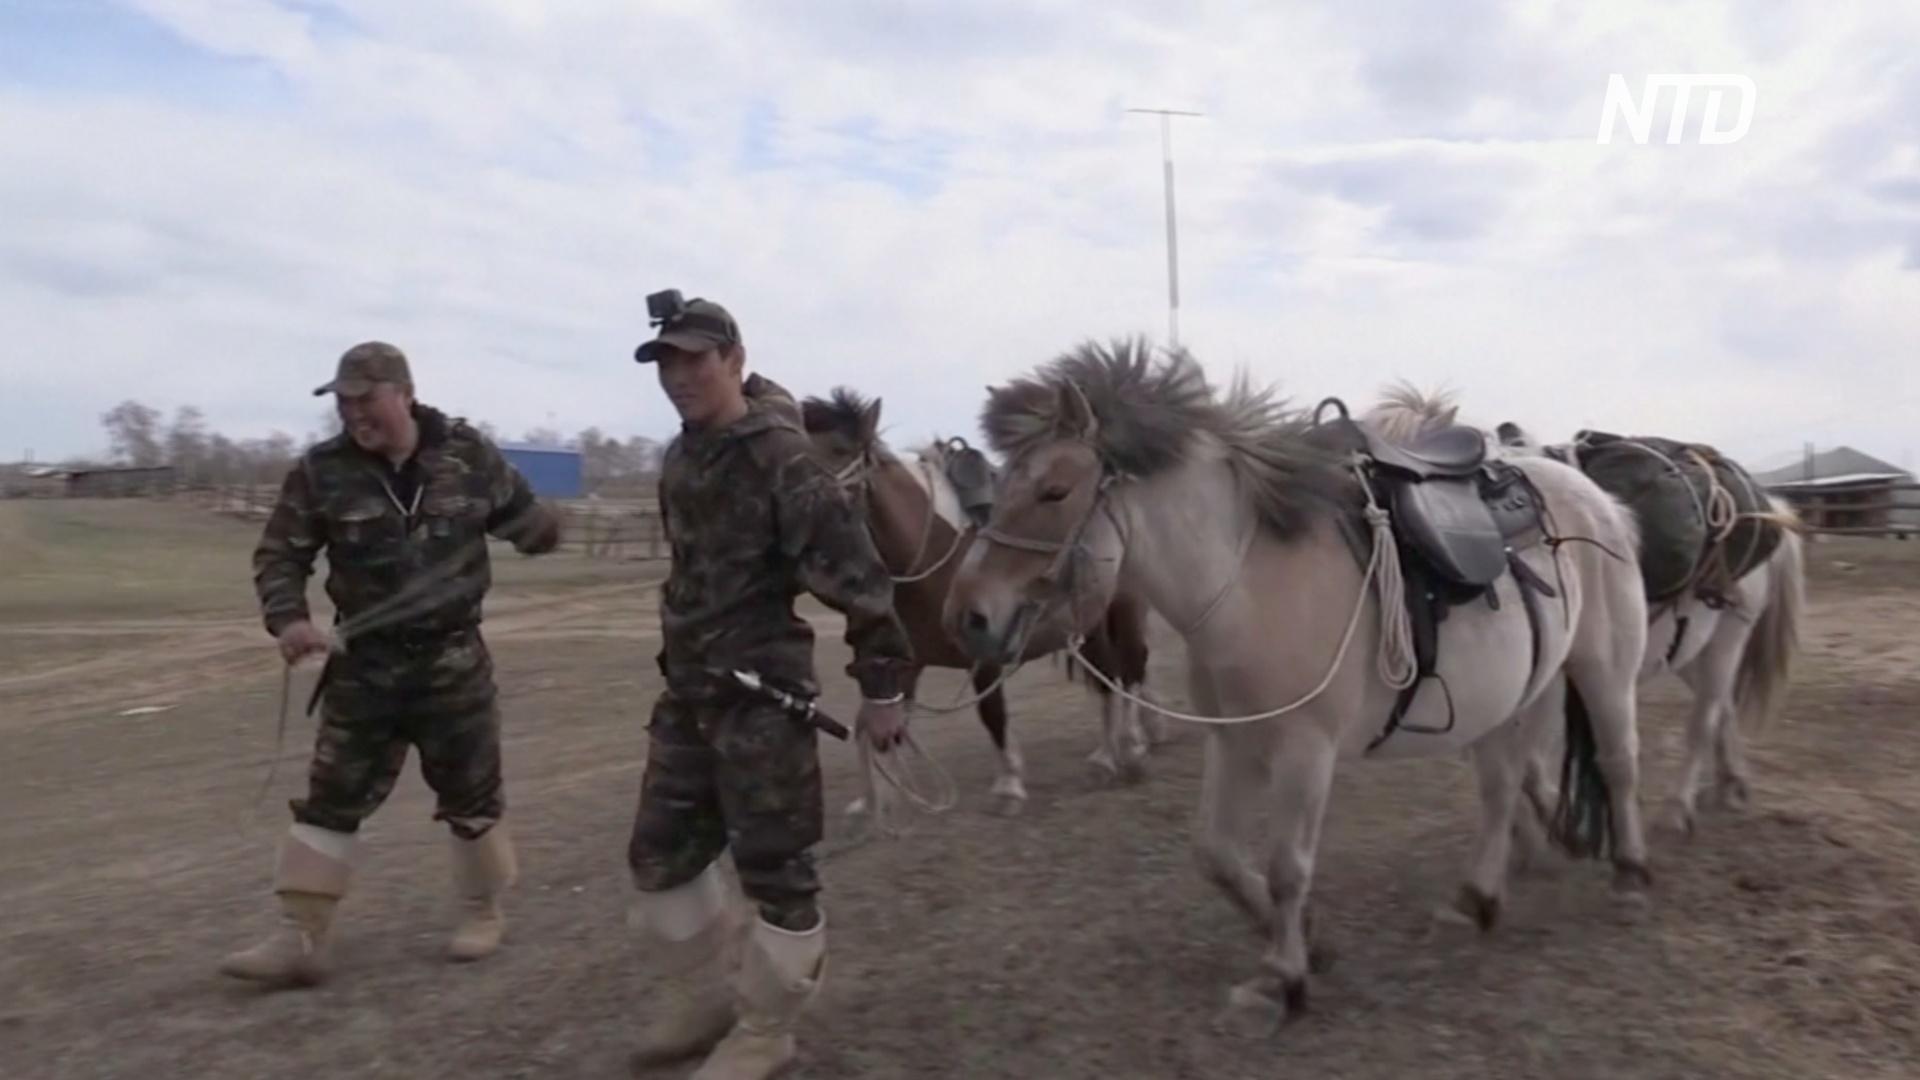 Из Оймякона в Москву: двое якутов отправились в поход на лошадях